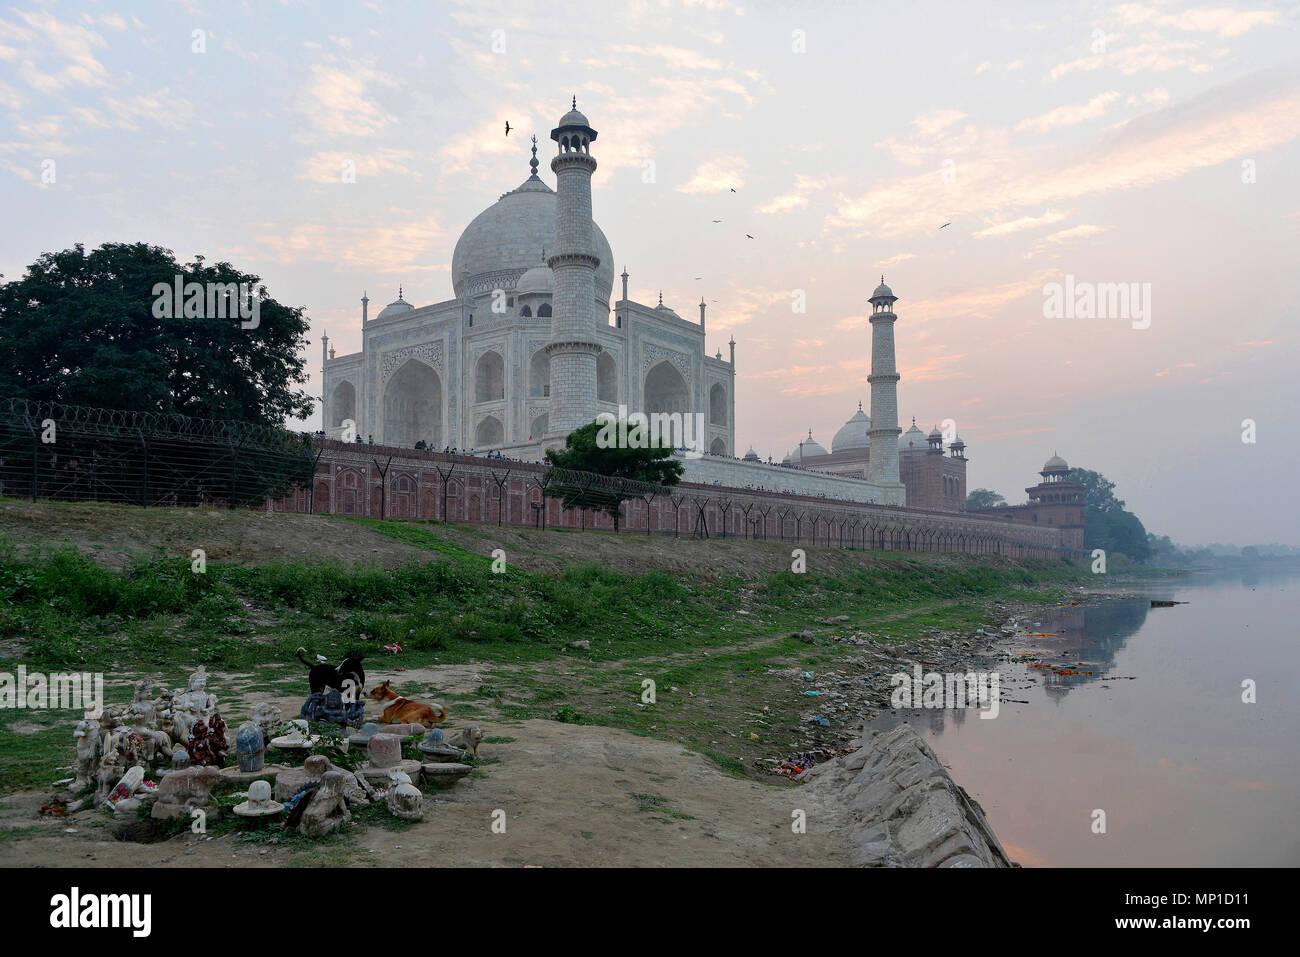 Vista del Taj Mahal da nordest, offerte sulla banca del fiume Yamuna, Āgra, Uttar Pradesh, India Immagini Stock